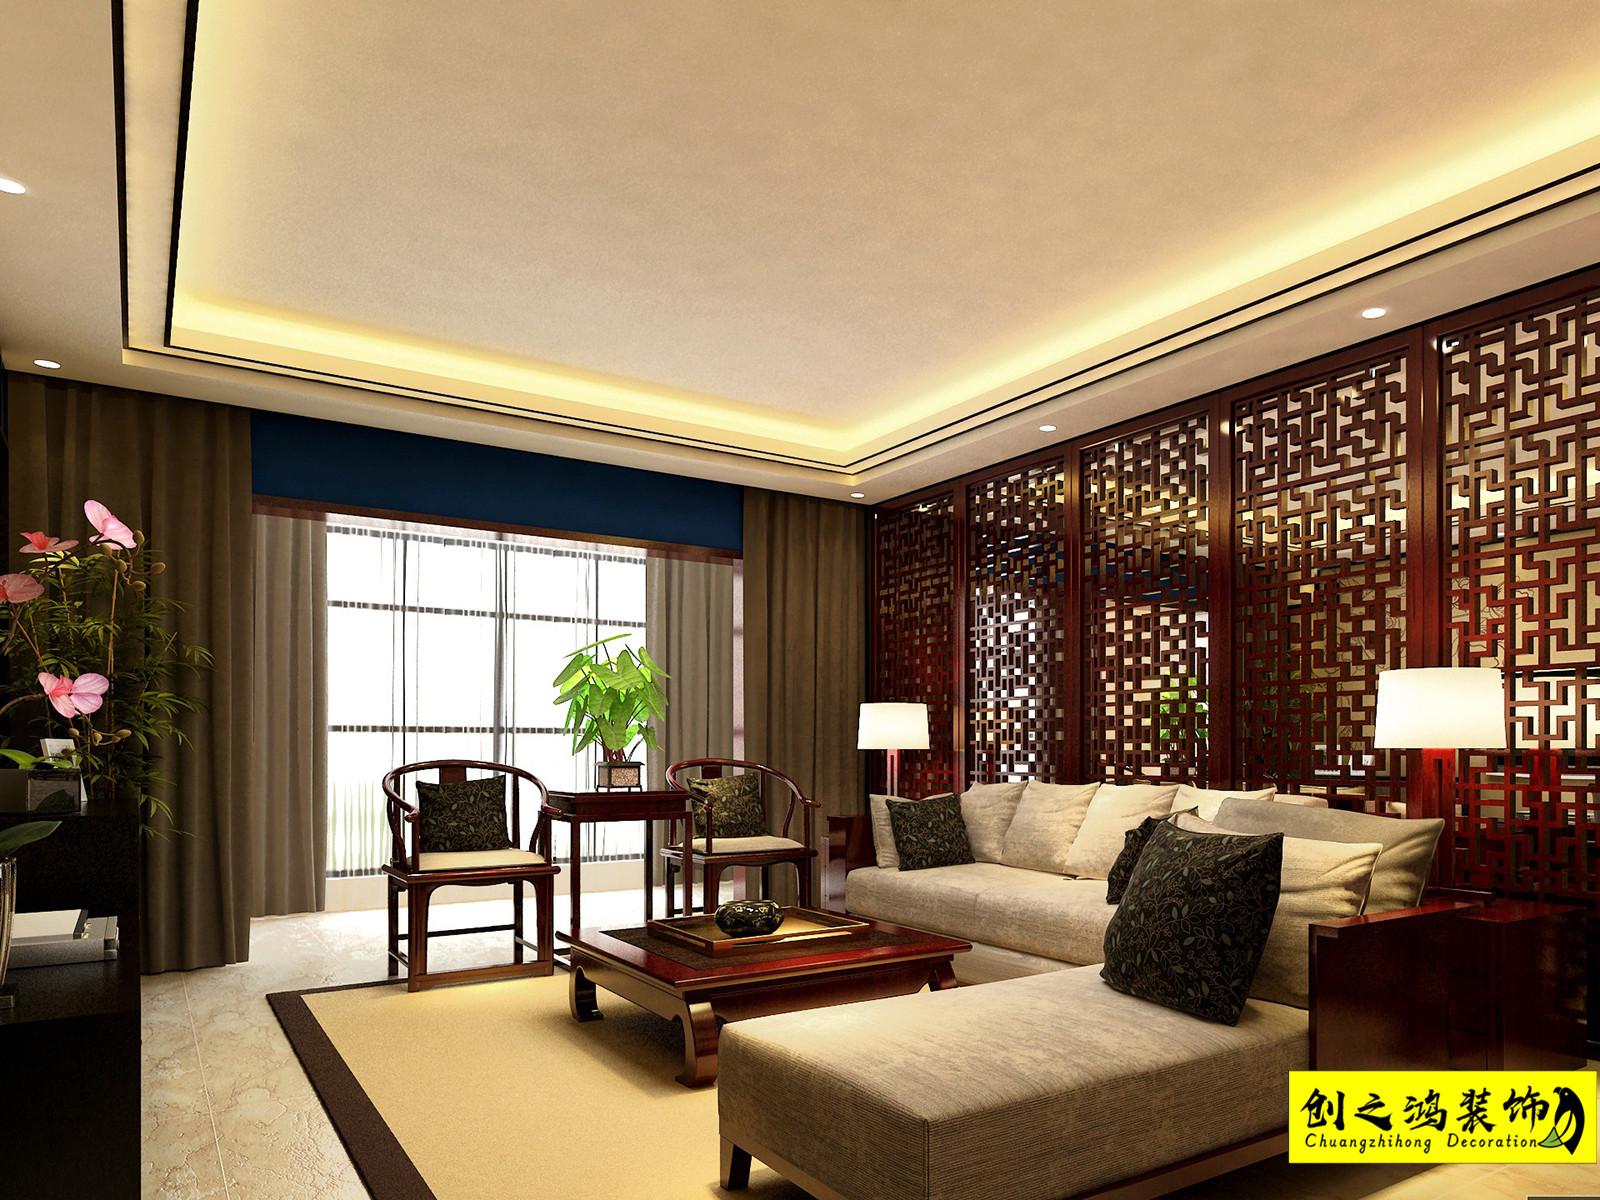 126㎡融侨观澜三室两厅中式风格装修效果图